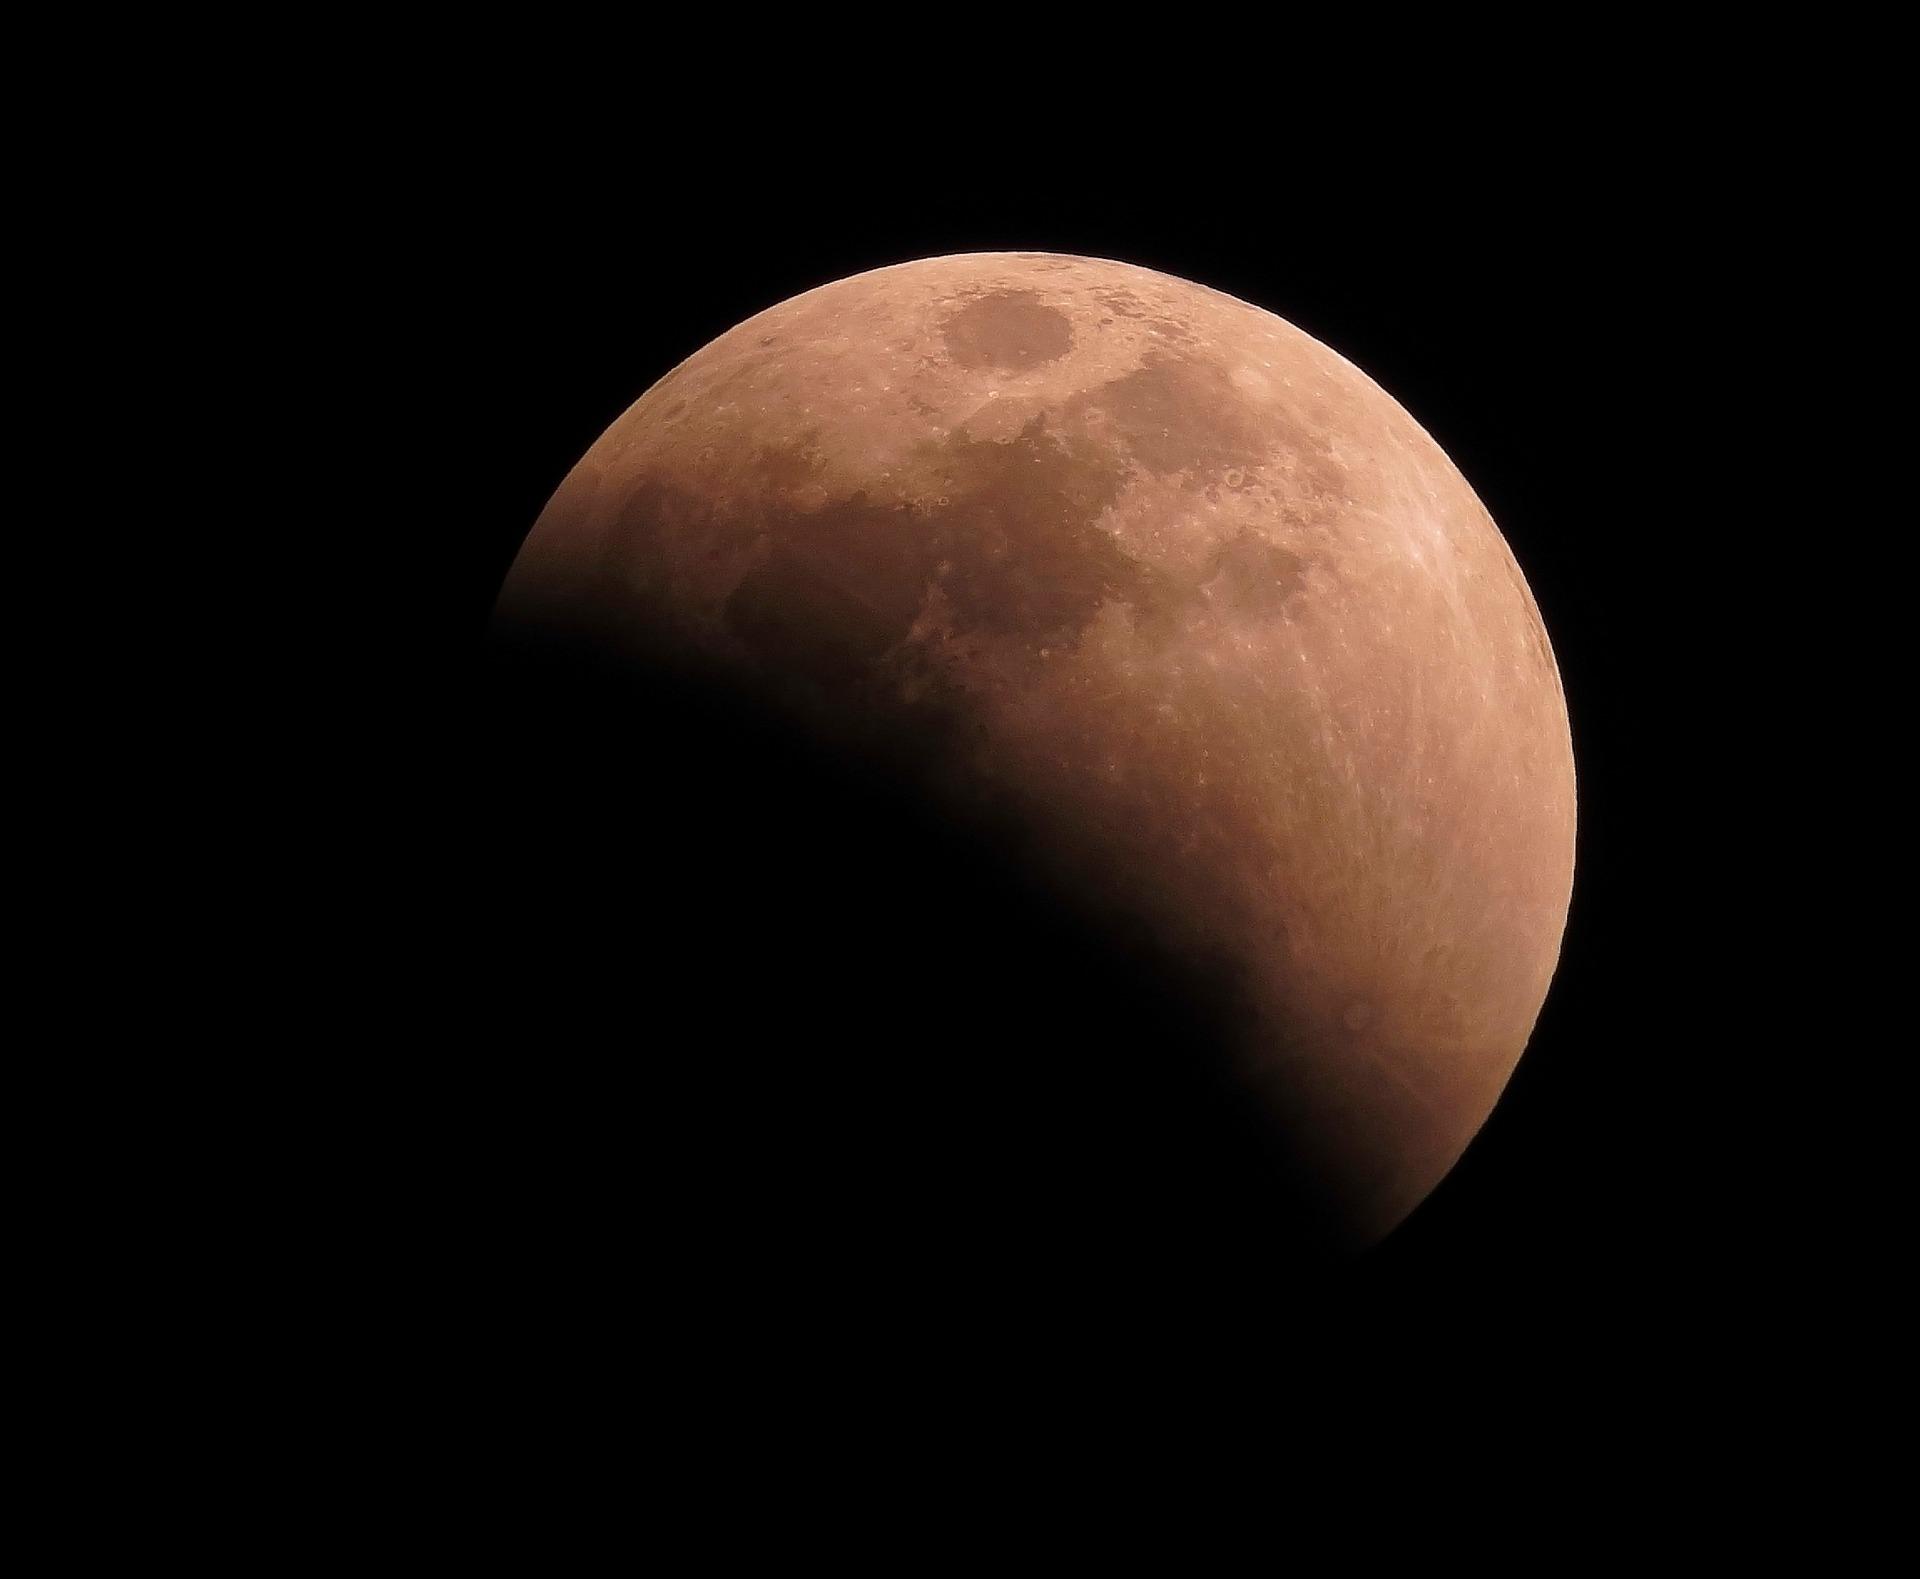 Ярославцы смогут наблюдать первое лунное затмение в новом году